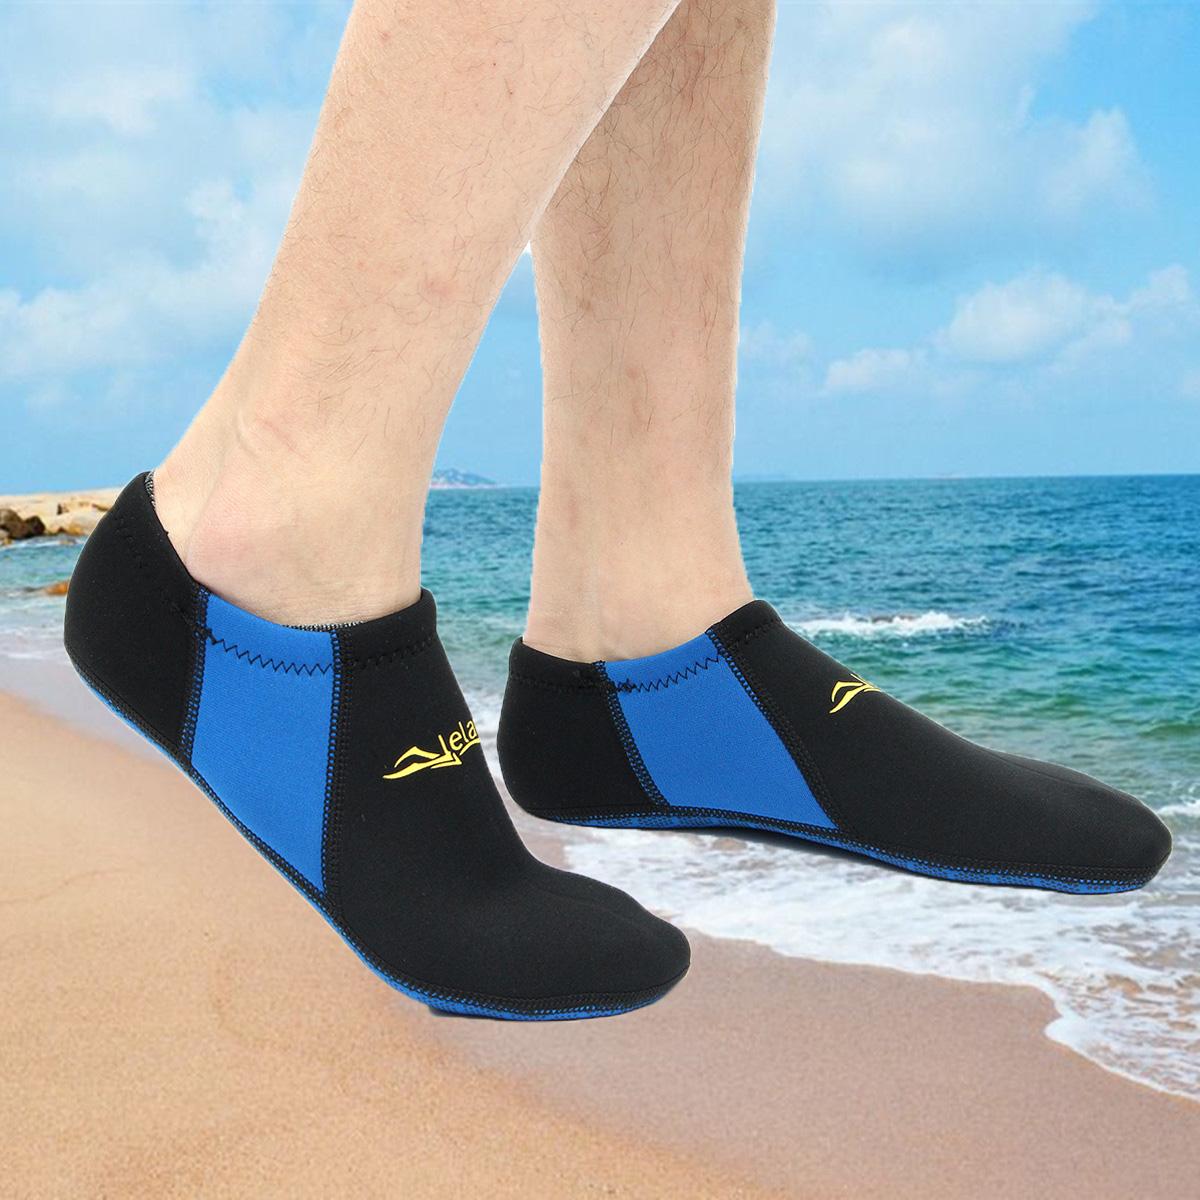 Outdoor Swimming Snorkel Socks Soft Beach Shoes Water Sport Scuba Surf Diving. 082d0534-7d7d-45dd-9bd6-c12efbd57131.jpg ...